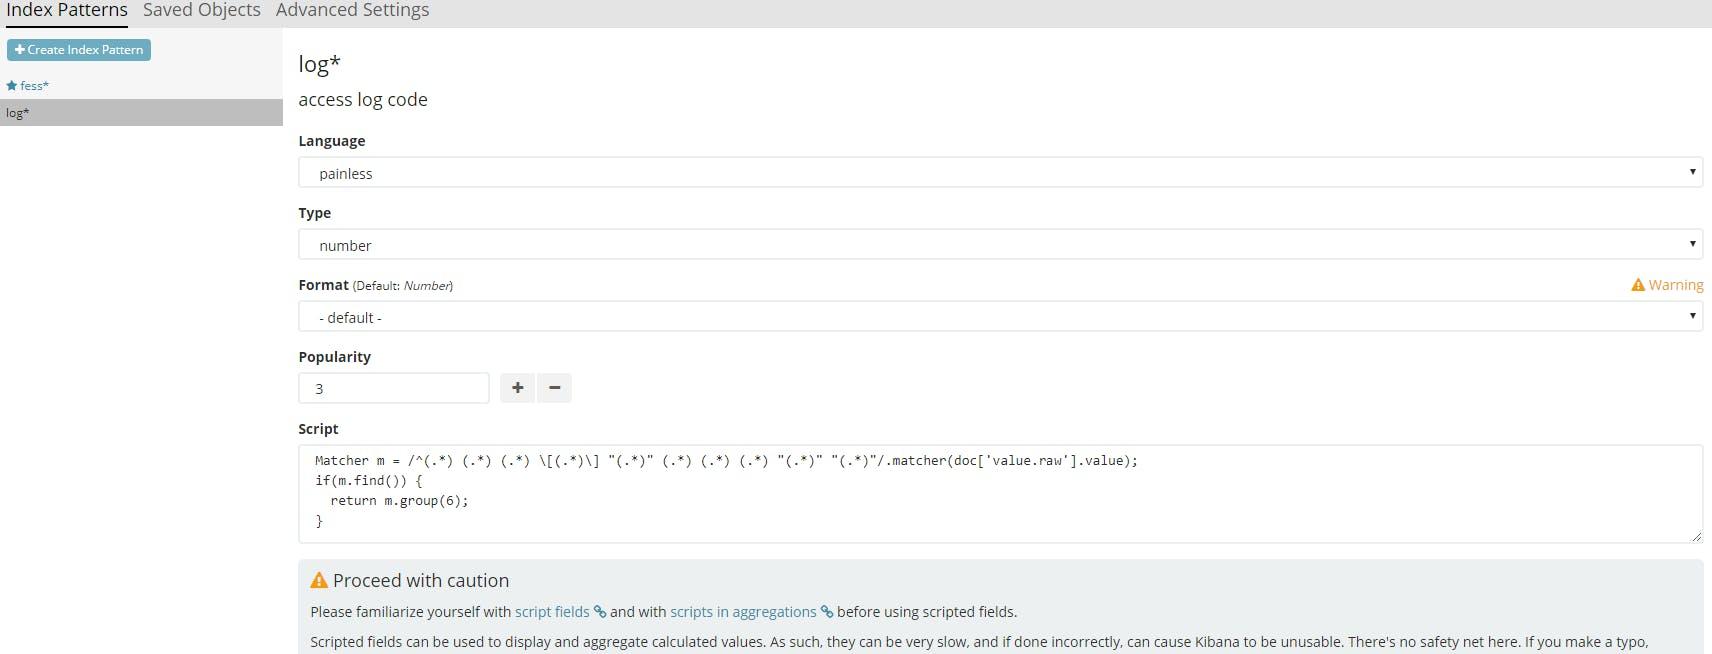 elasticsearch_script_field.png